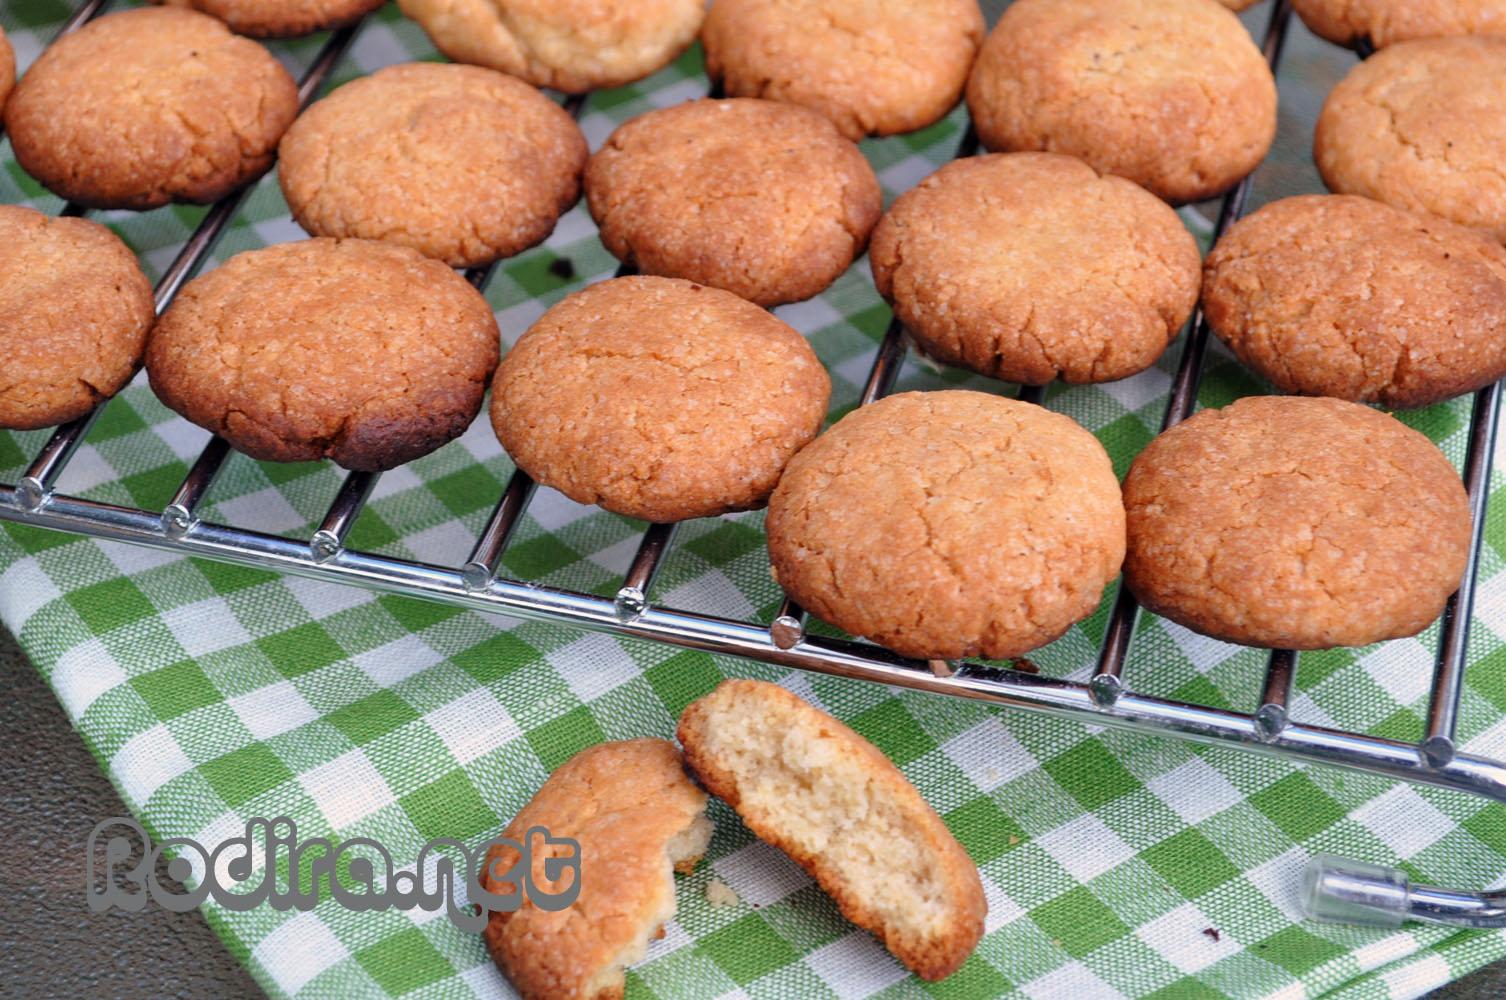 Рецепты печенья на кефире в домашних условиях